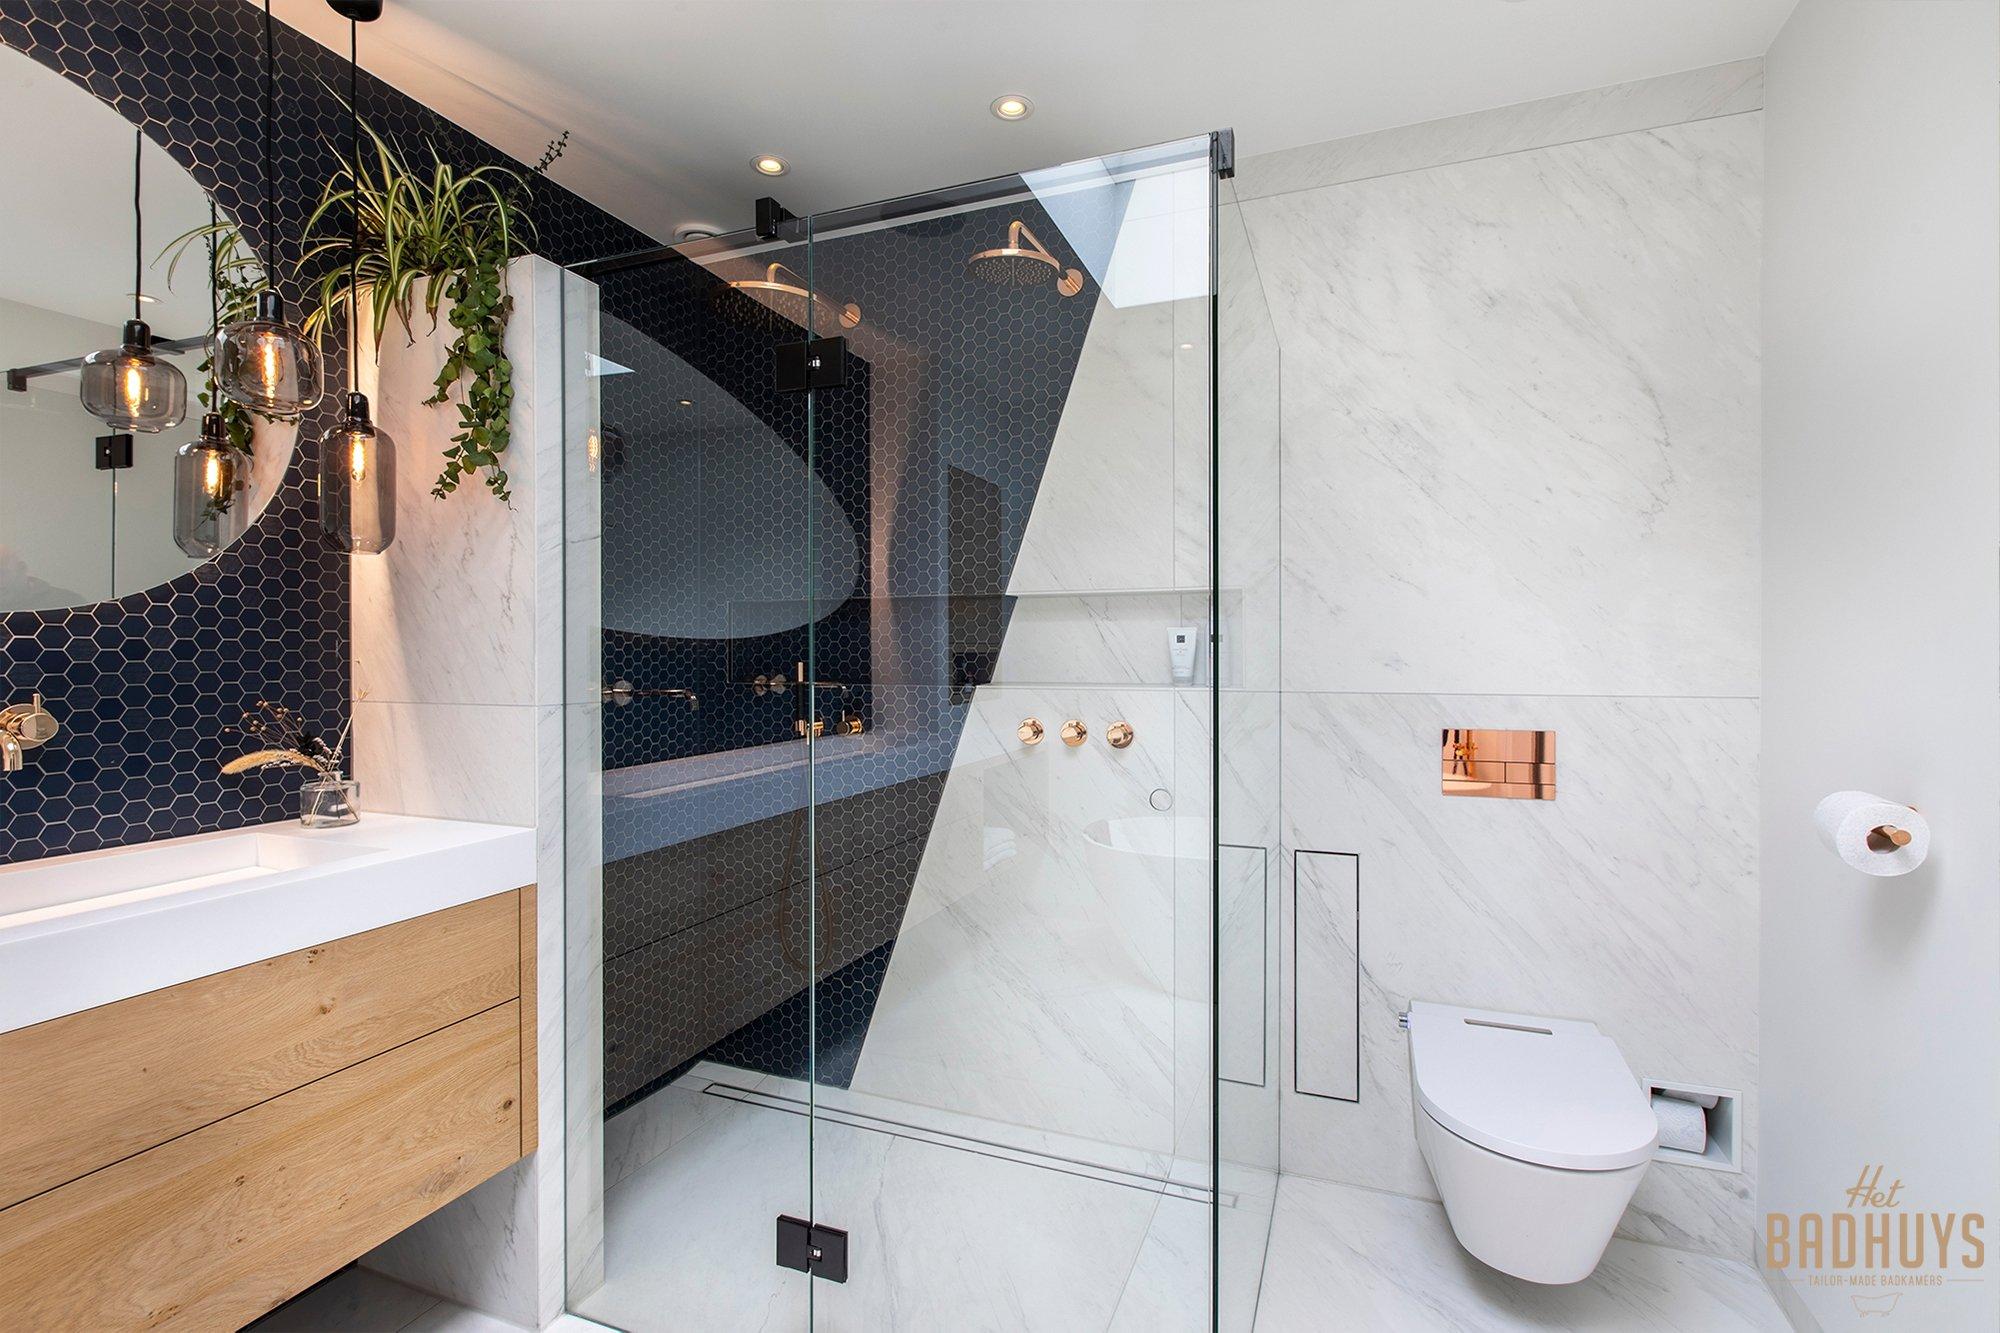 Doucheruimte van luxe badkamer met dubbele douchekop in koper.